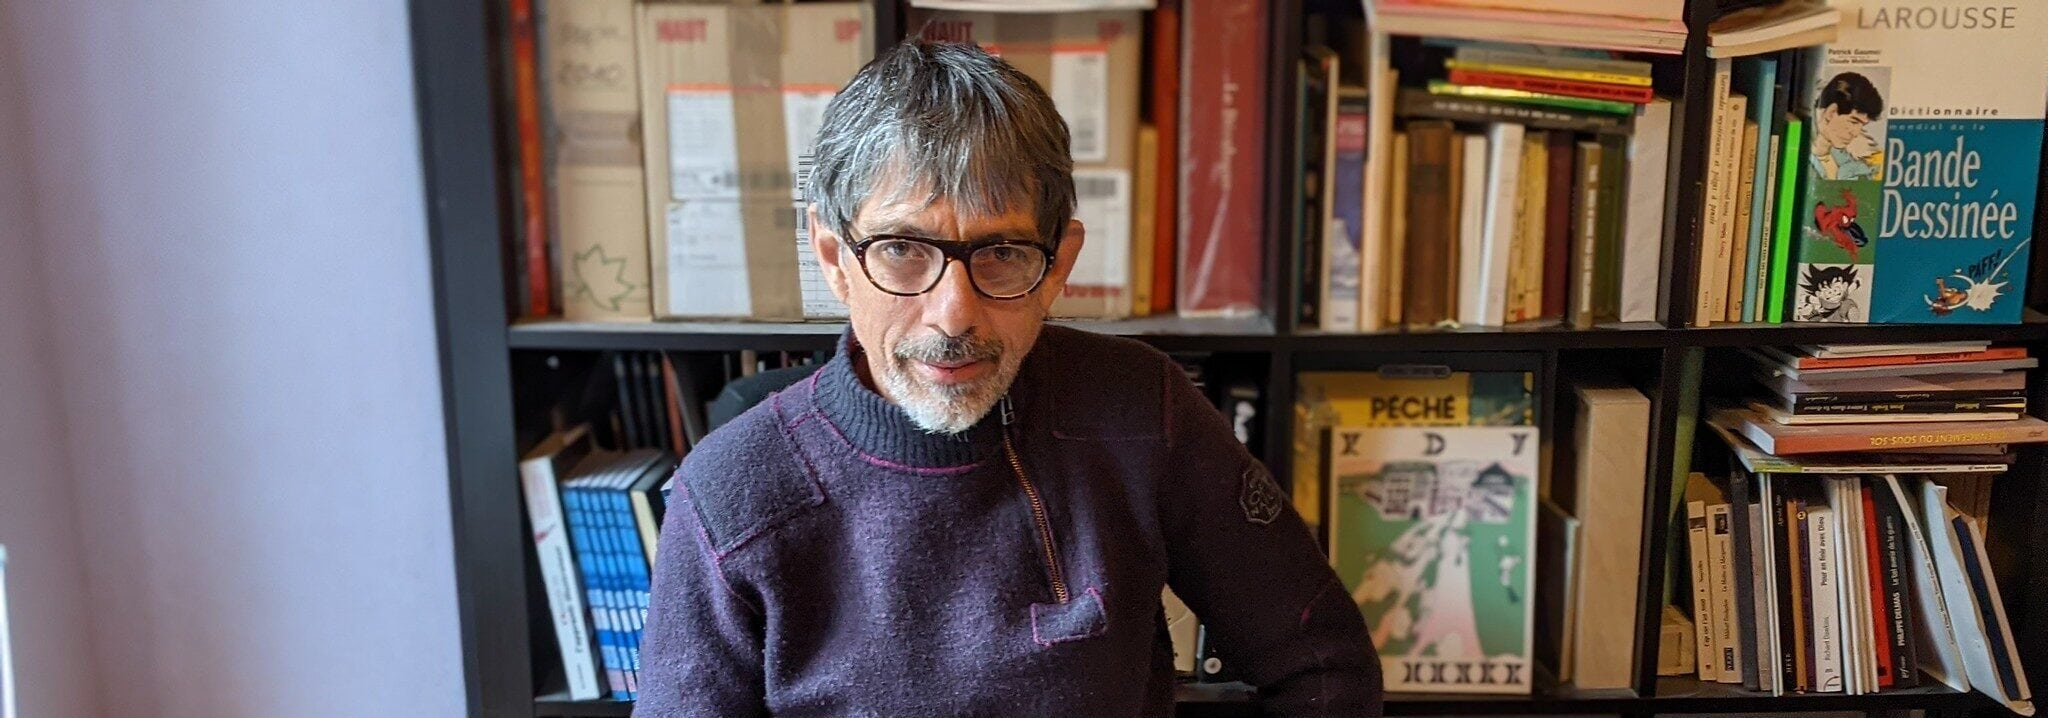 Joseph Béhé, auteur de BD: «On croit être maître de nos croyances, mais pas du tout»